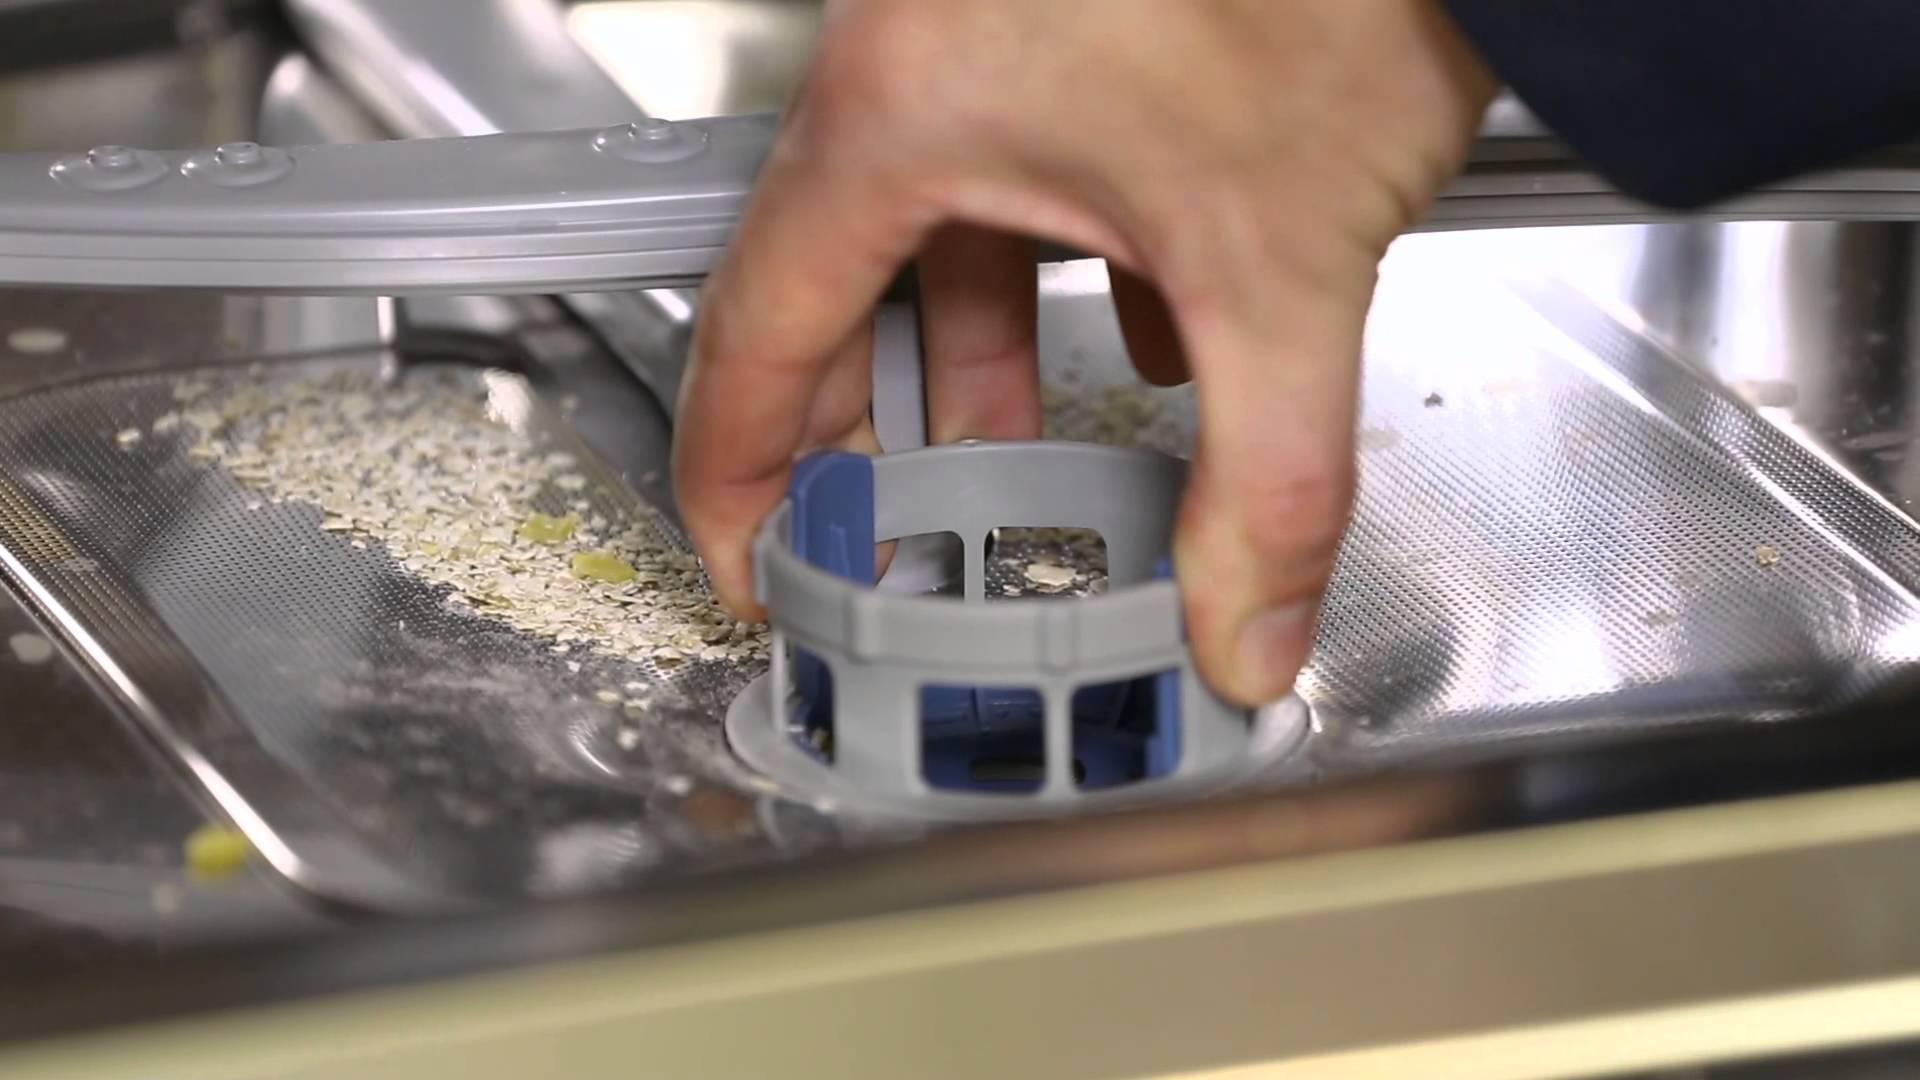 Как почистить и помыть посудомоечную машину в домашних условиях